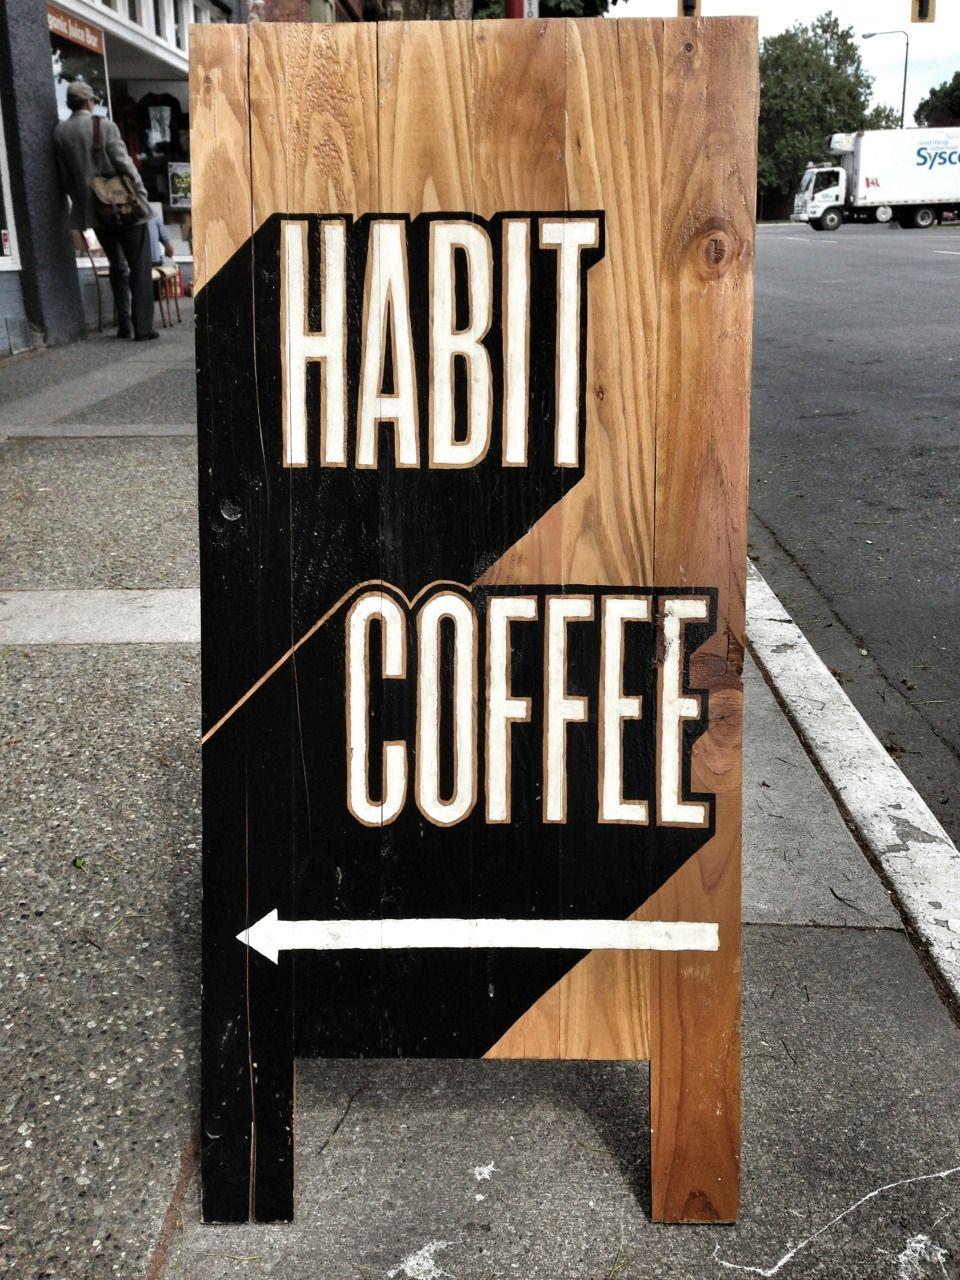 Habit coffee victoria aboard sandwich board retail